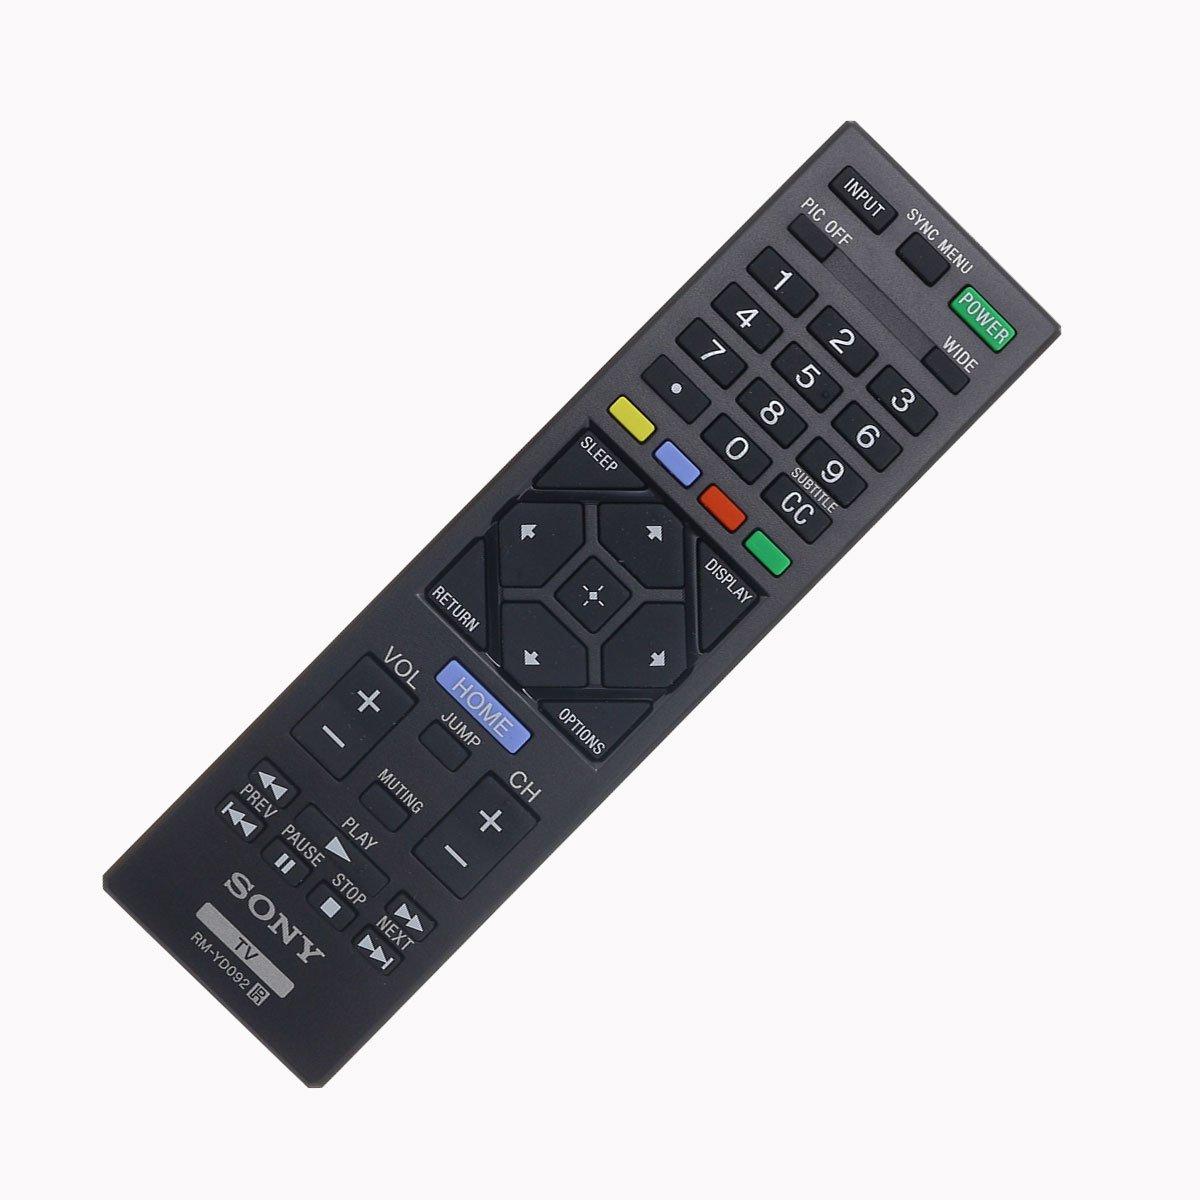 NEW ORIGINAL GENUINE RM-YD092 REMOTE CONTROL RMYD092 149206511 1-492-065-11 OEM